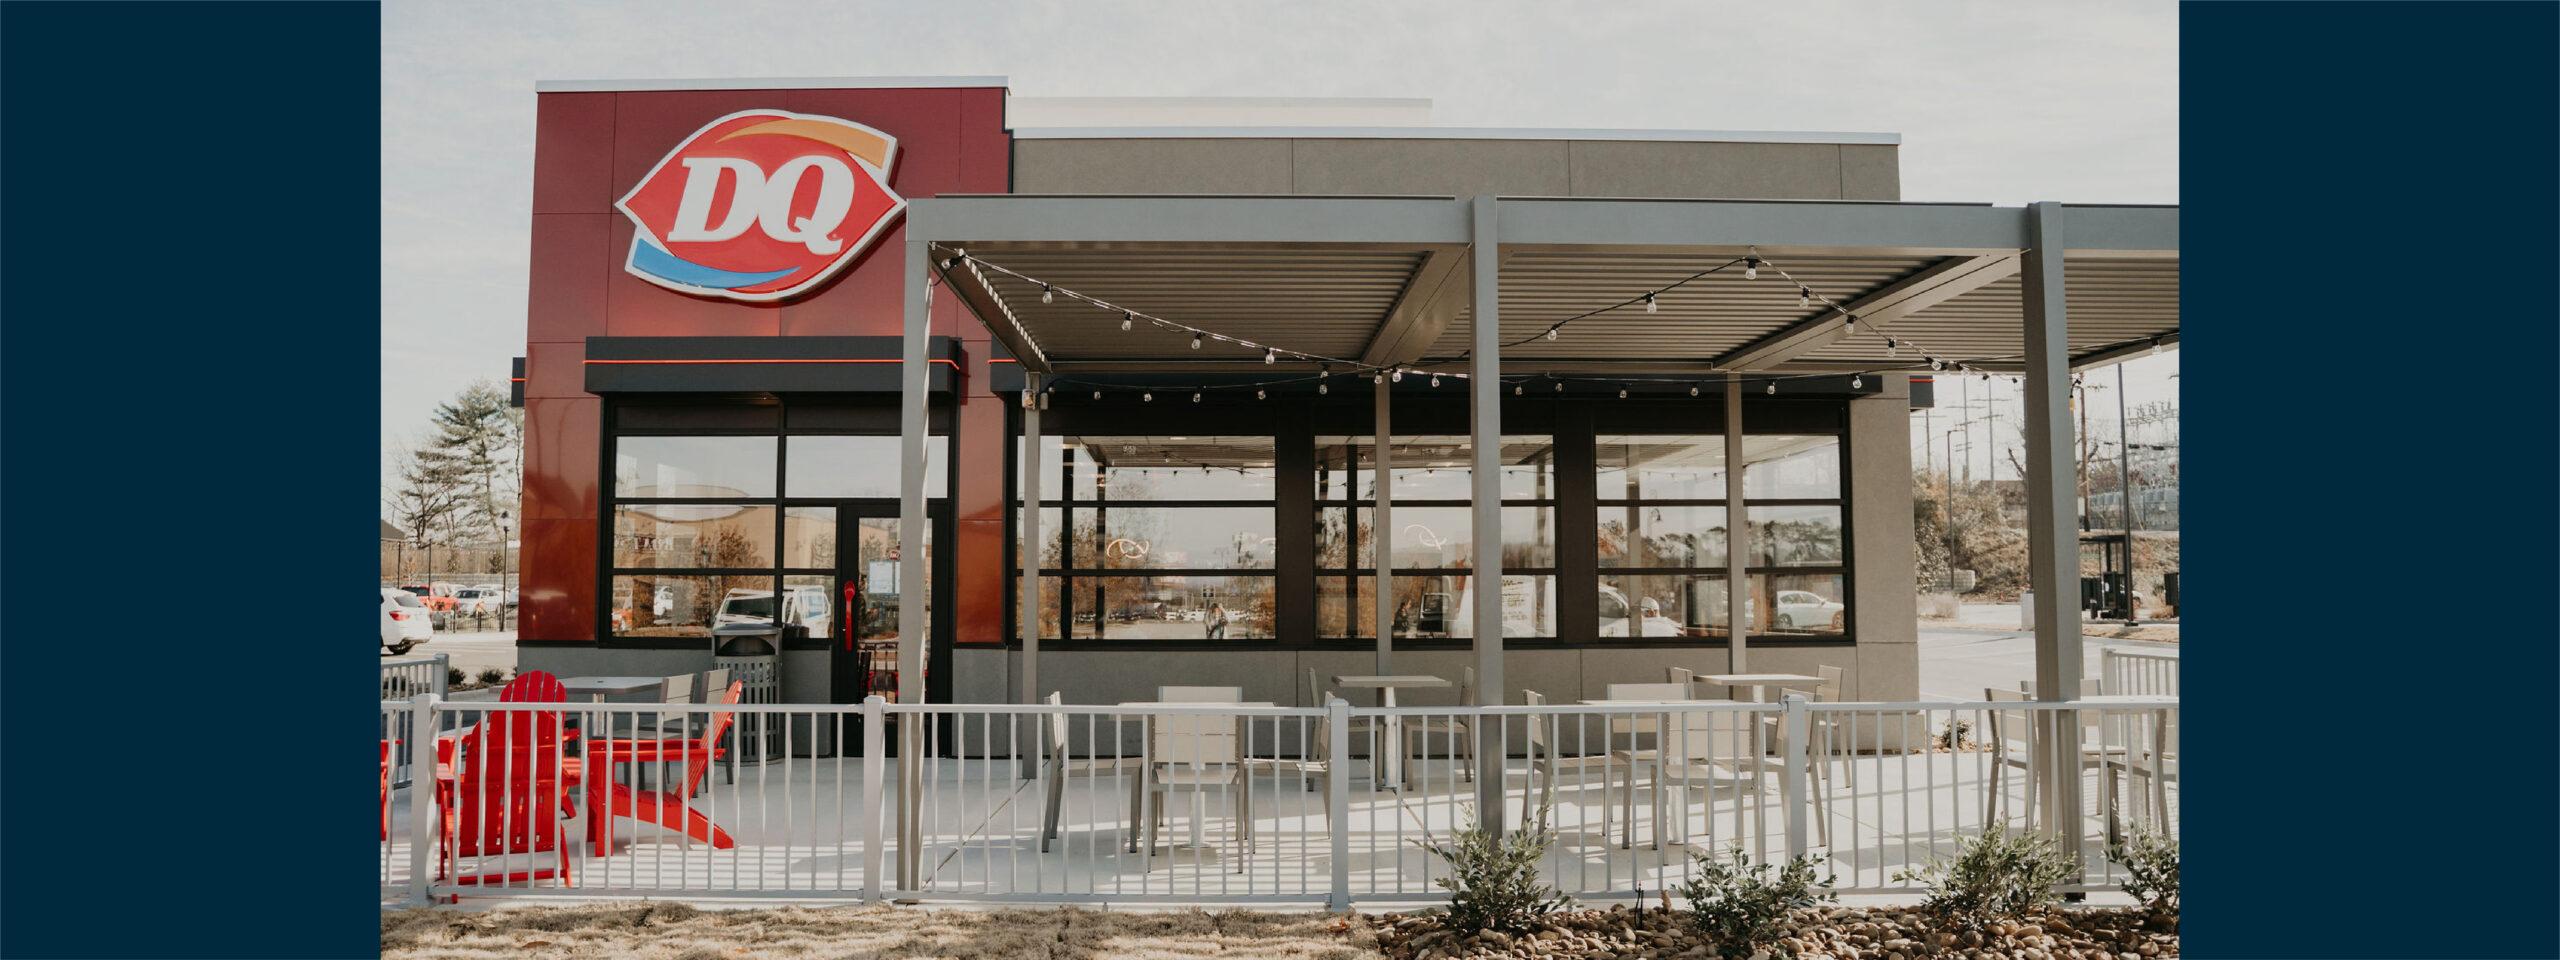 East Ridge, TN Fourteen Foods Dairy Queen